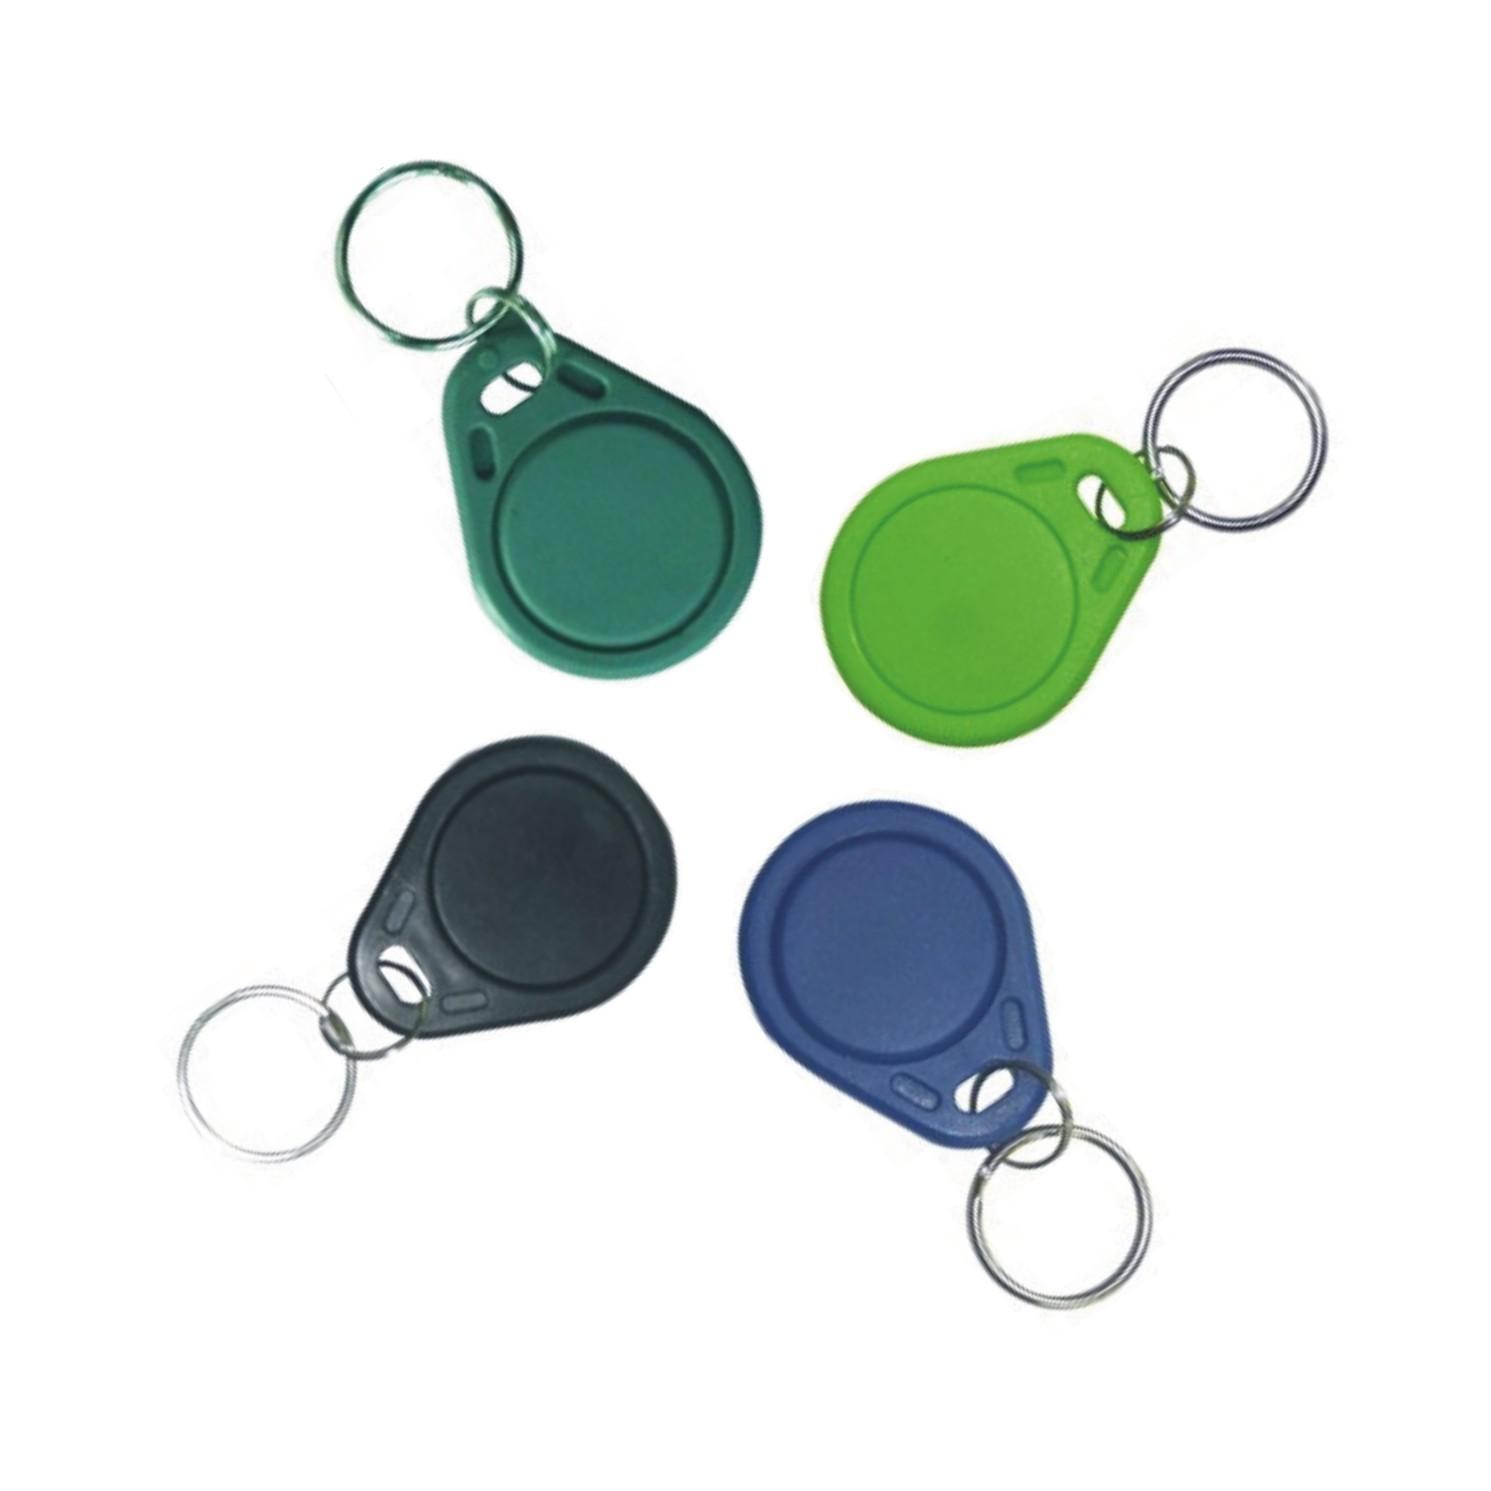 RFID čipi so kot ključi, ki omejujejo dostop in beležijo prisotnost.